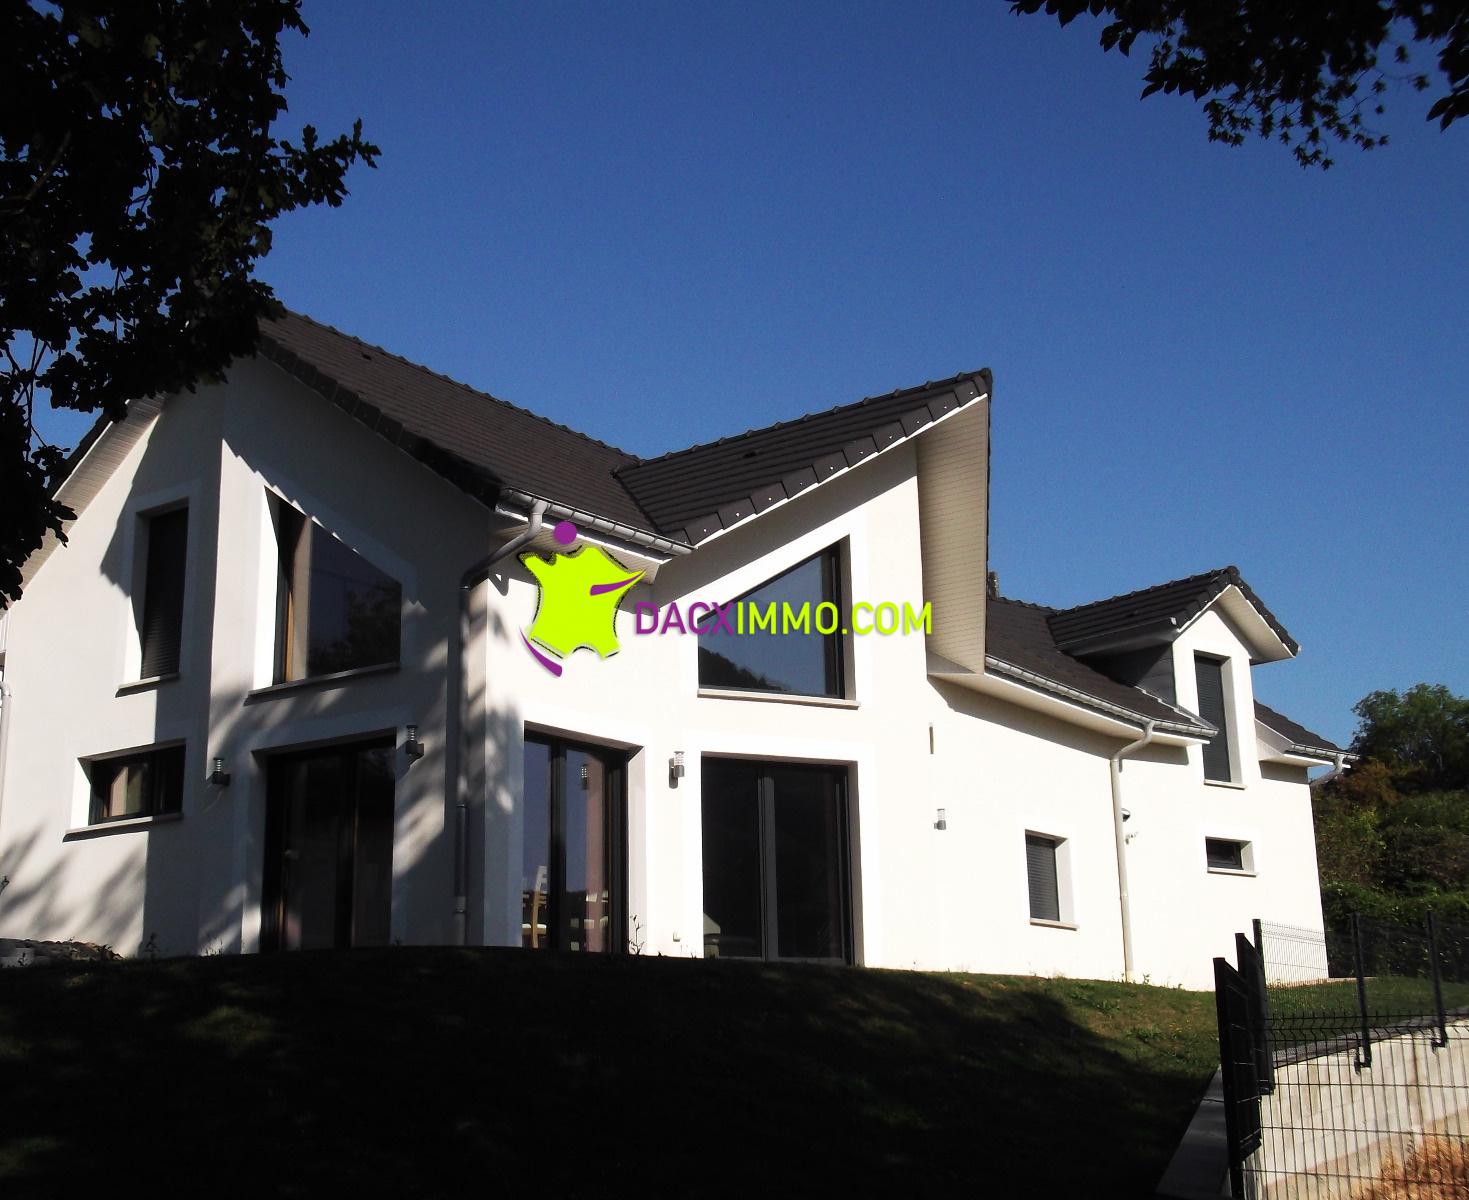 Vente superbe maison haut de gamme avec piscine annee 2015 for Maison haut de gamme